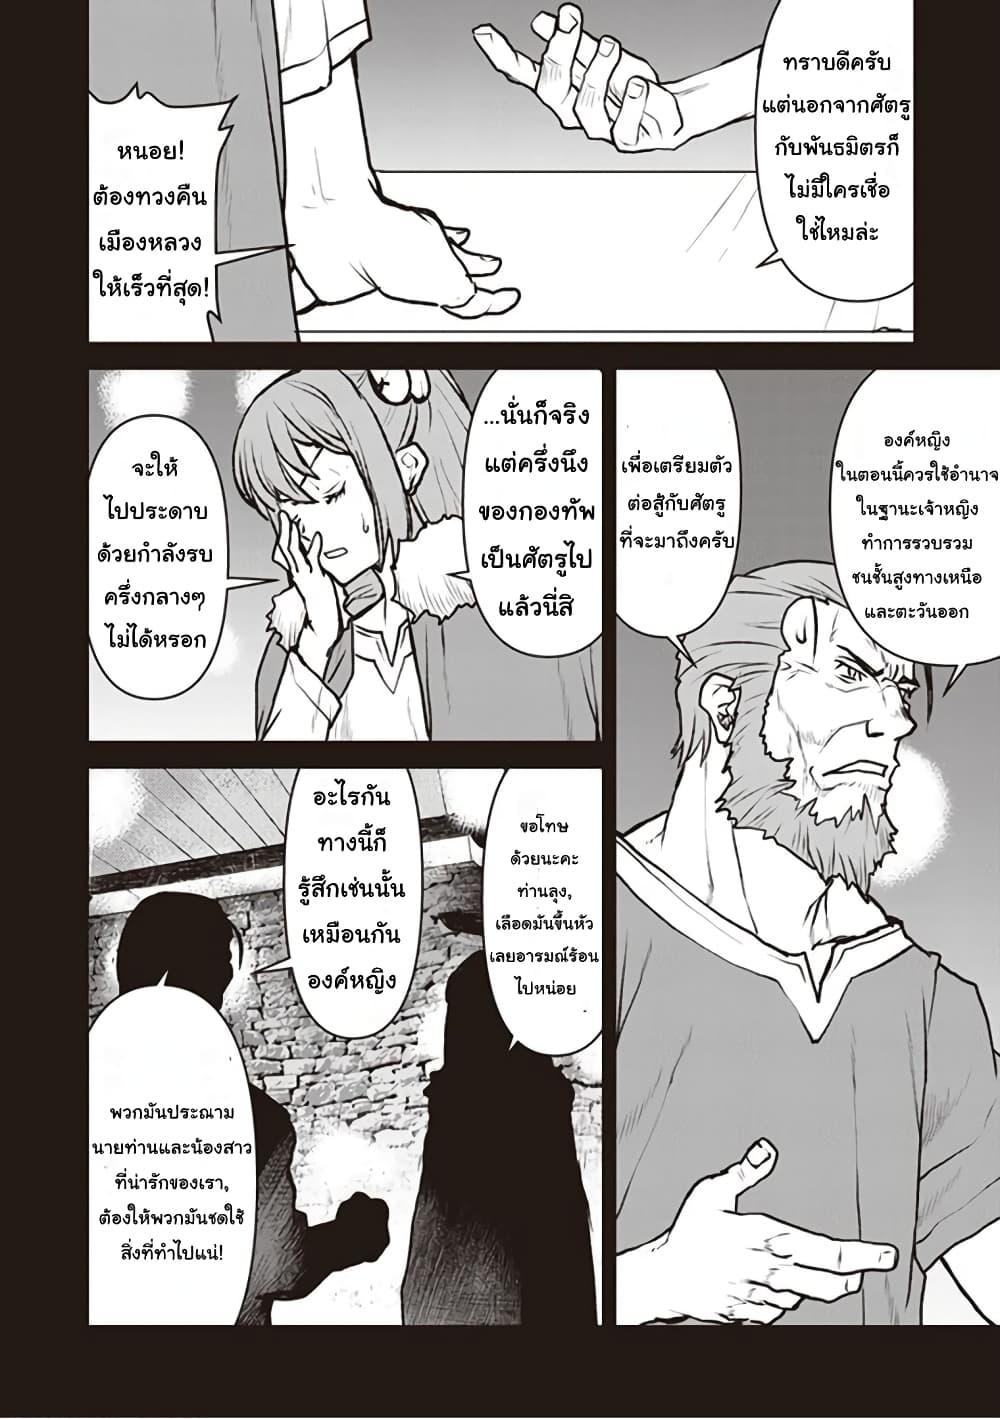 อ่านการ์ตูน The Galactic Navy Officer Becomes an Adventurer ตอนที่ 12 หน้าที่ 12